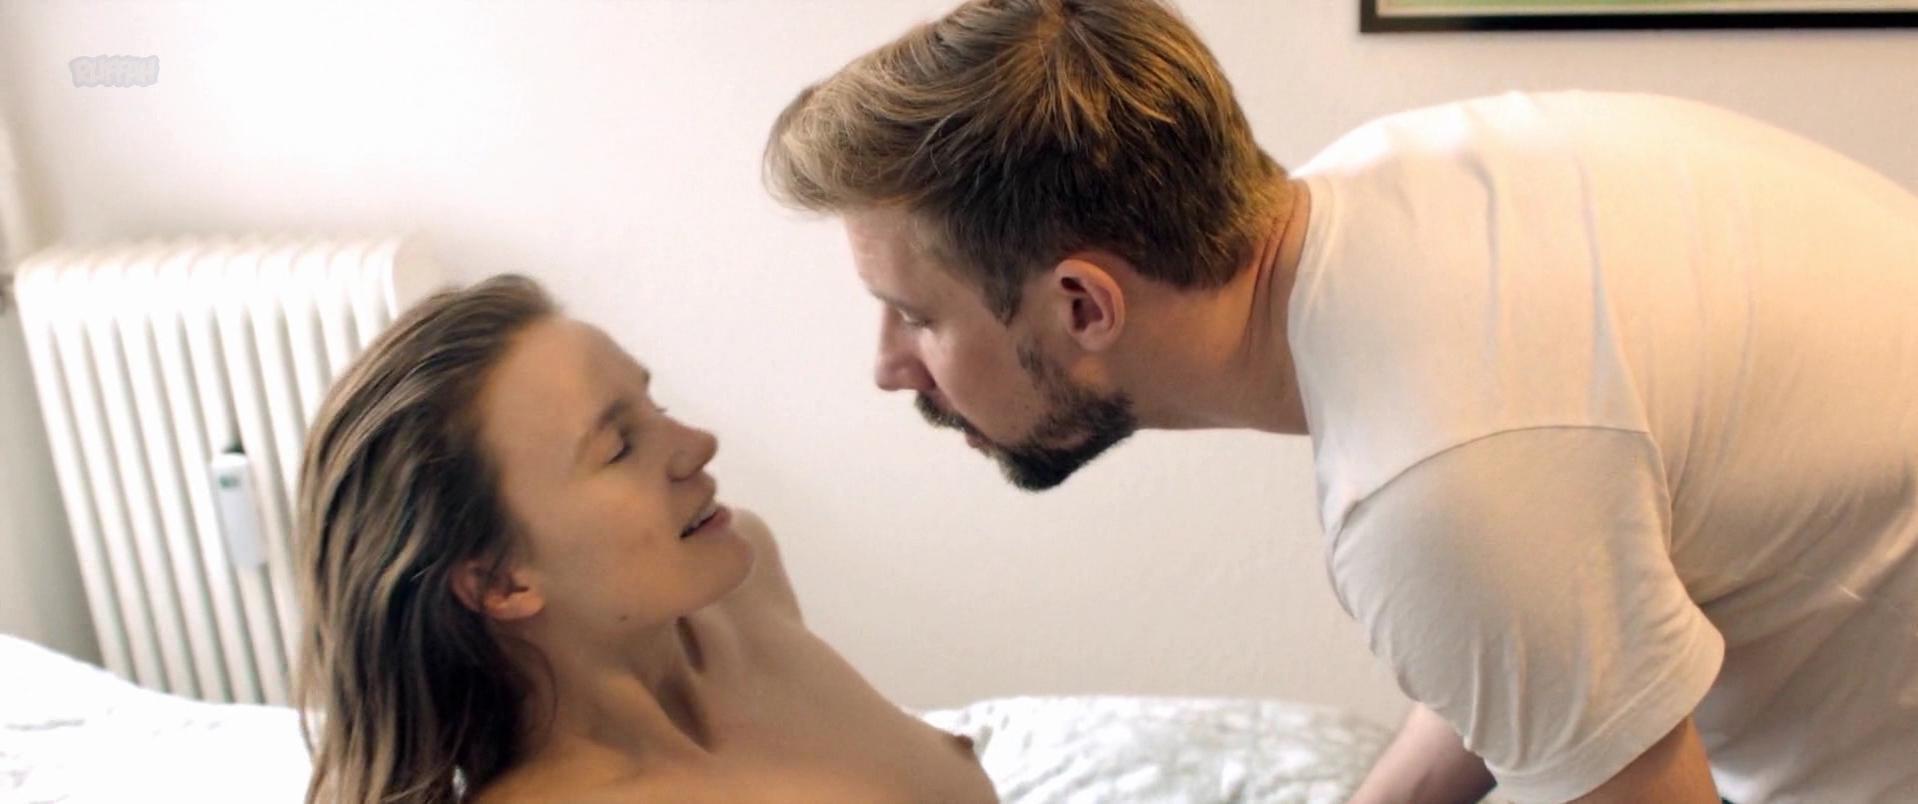 Amanda Collin nude - En Frygtelig Kvinde (2017)